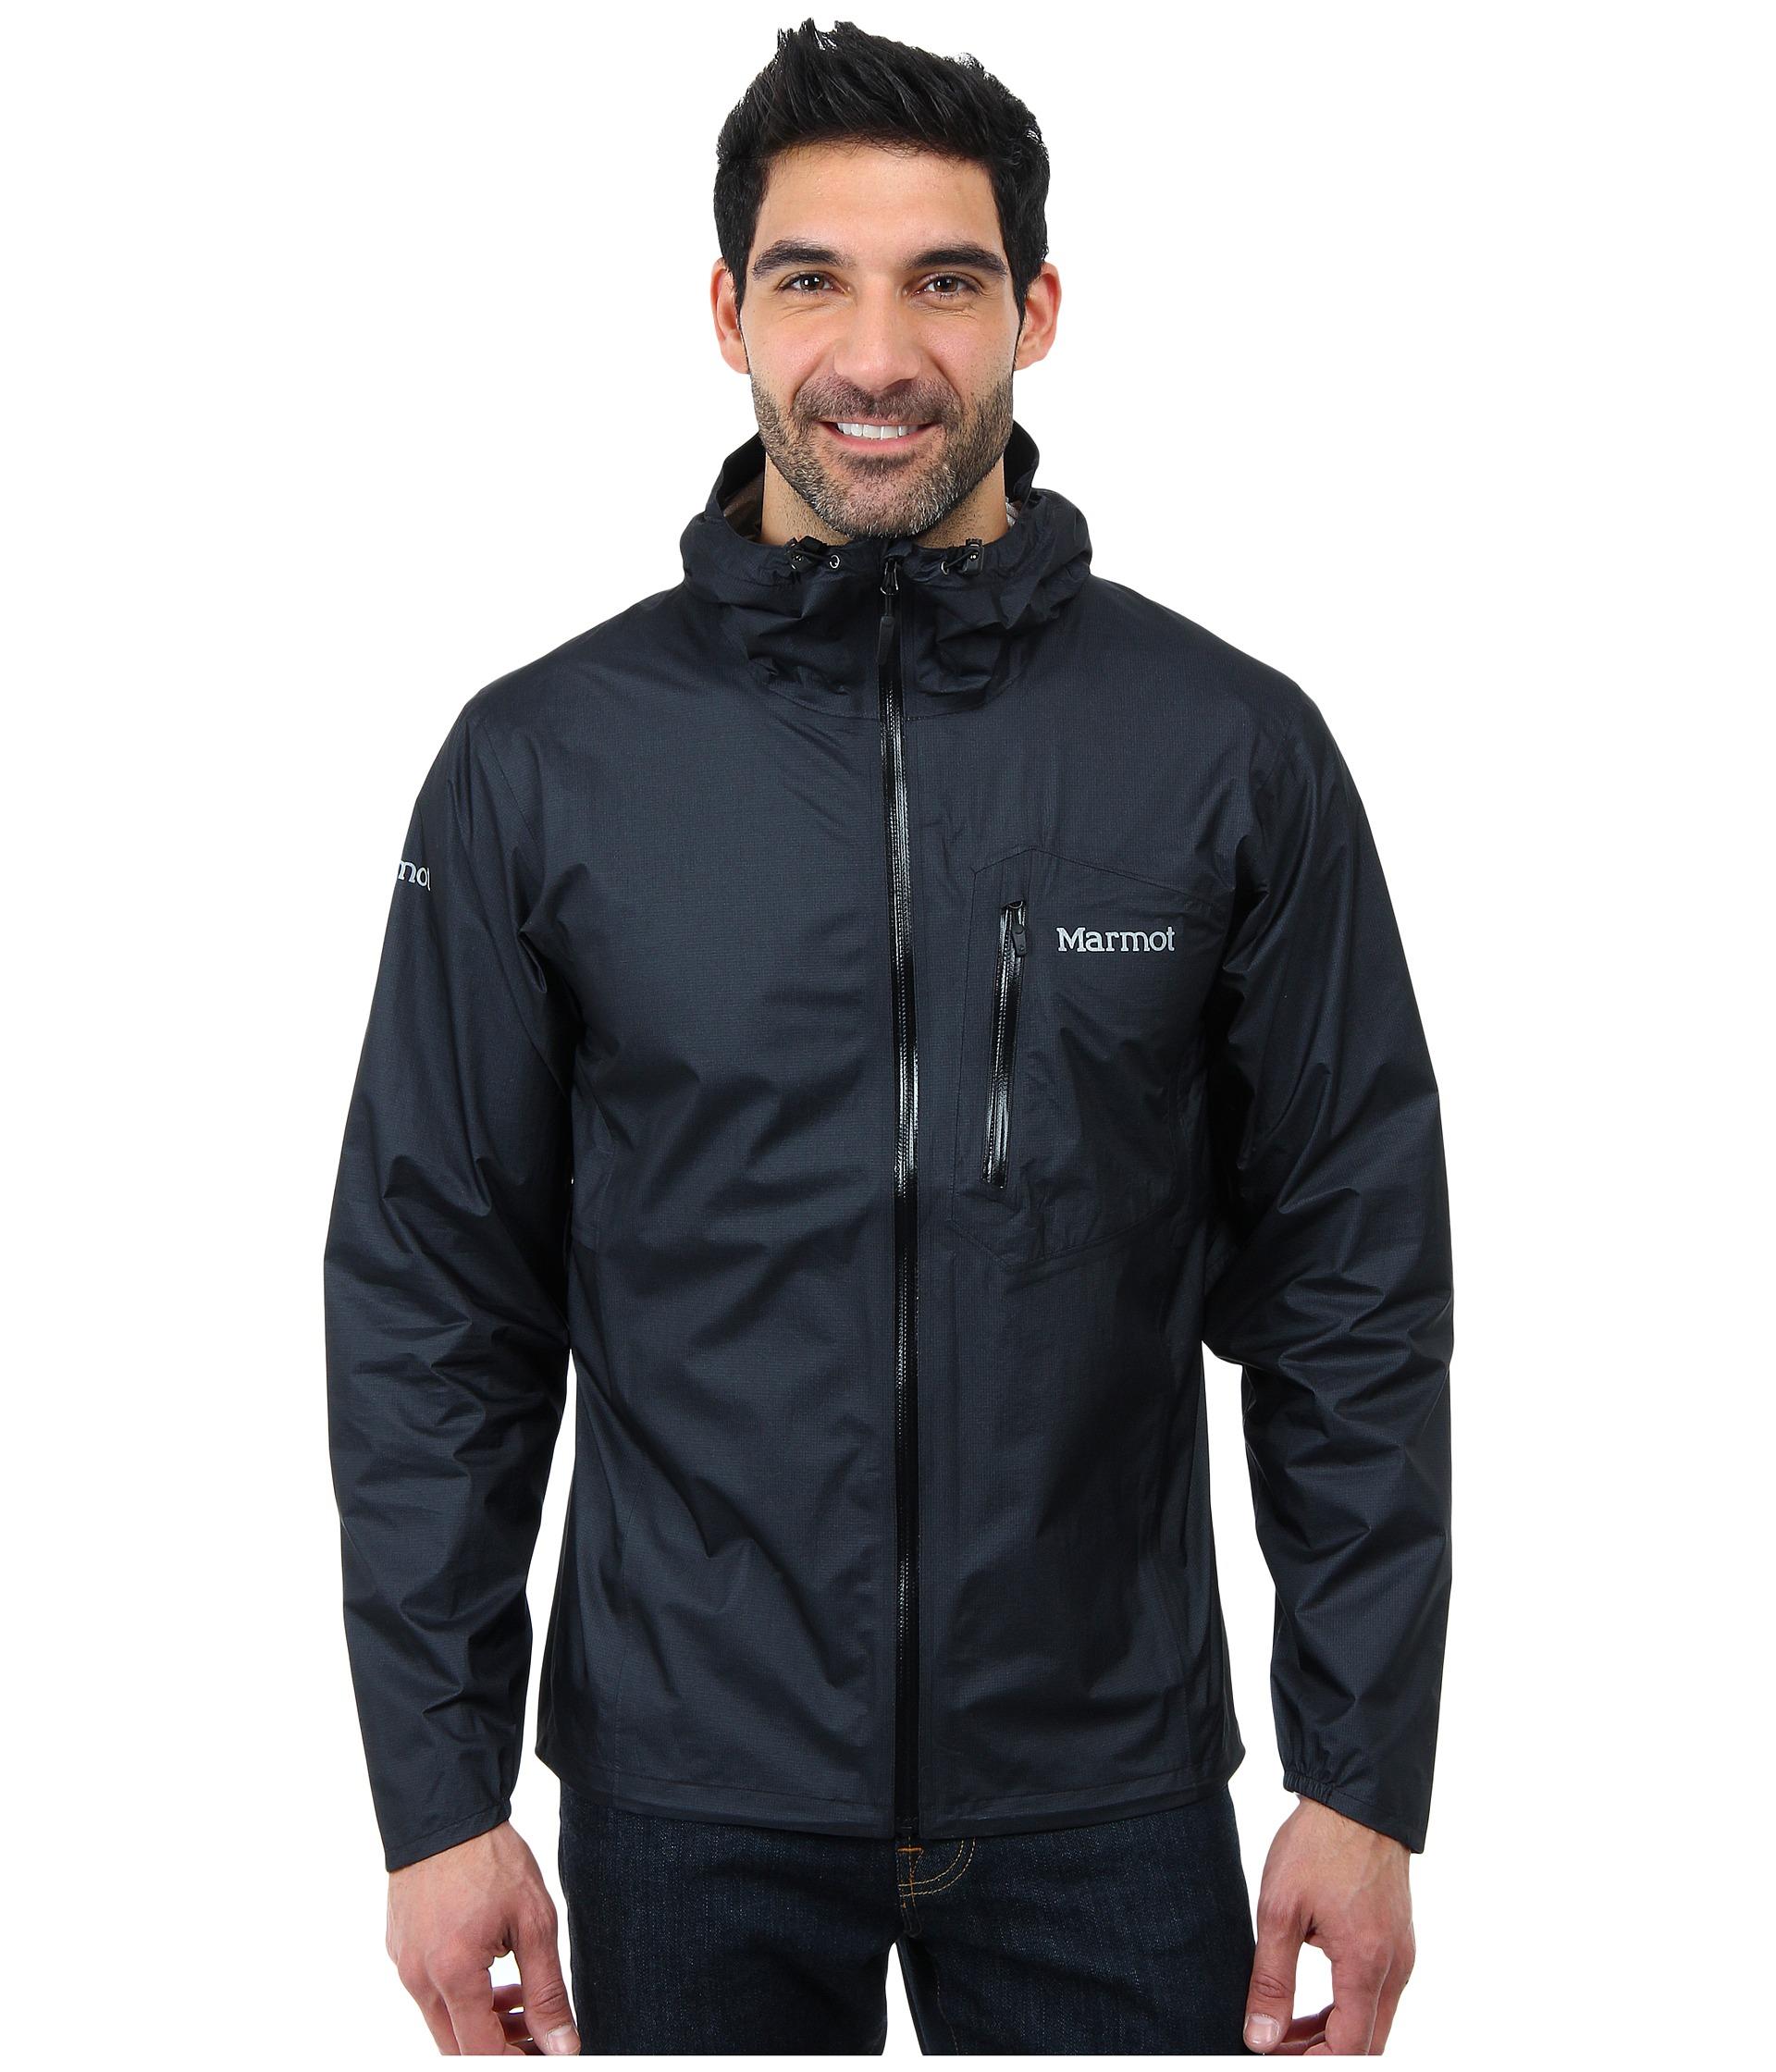 Lyst Marmot Essence Jacket In Black For Men